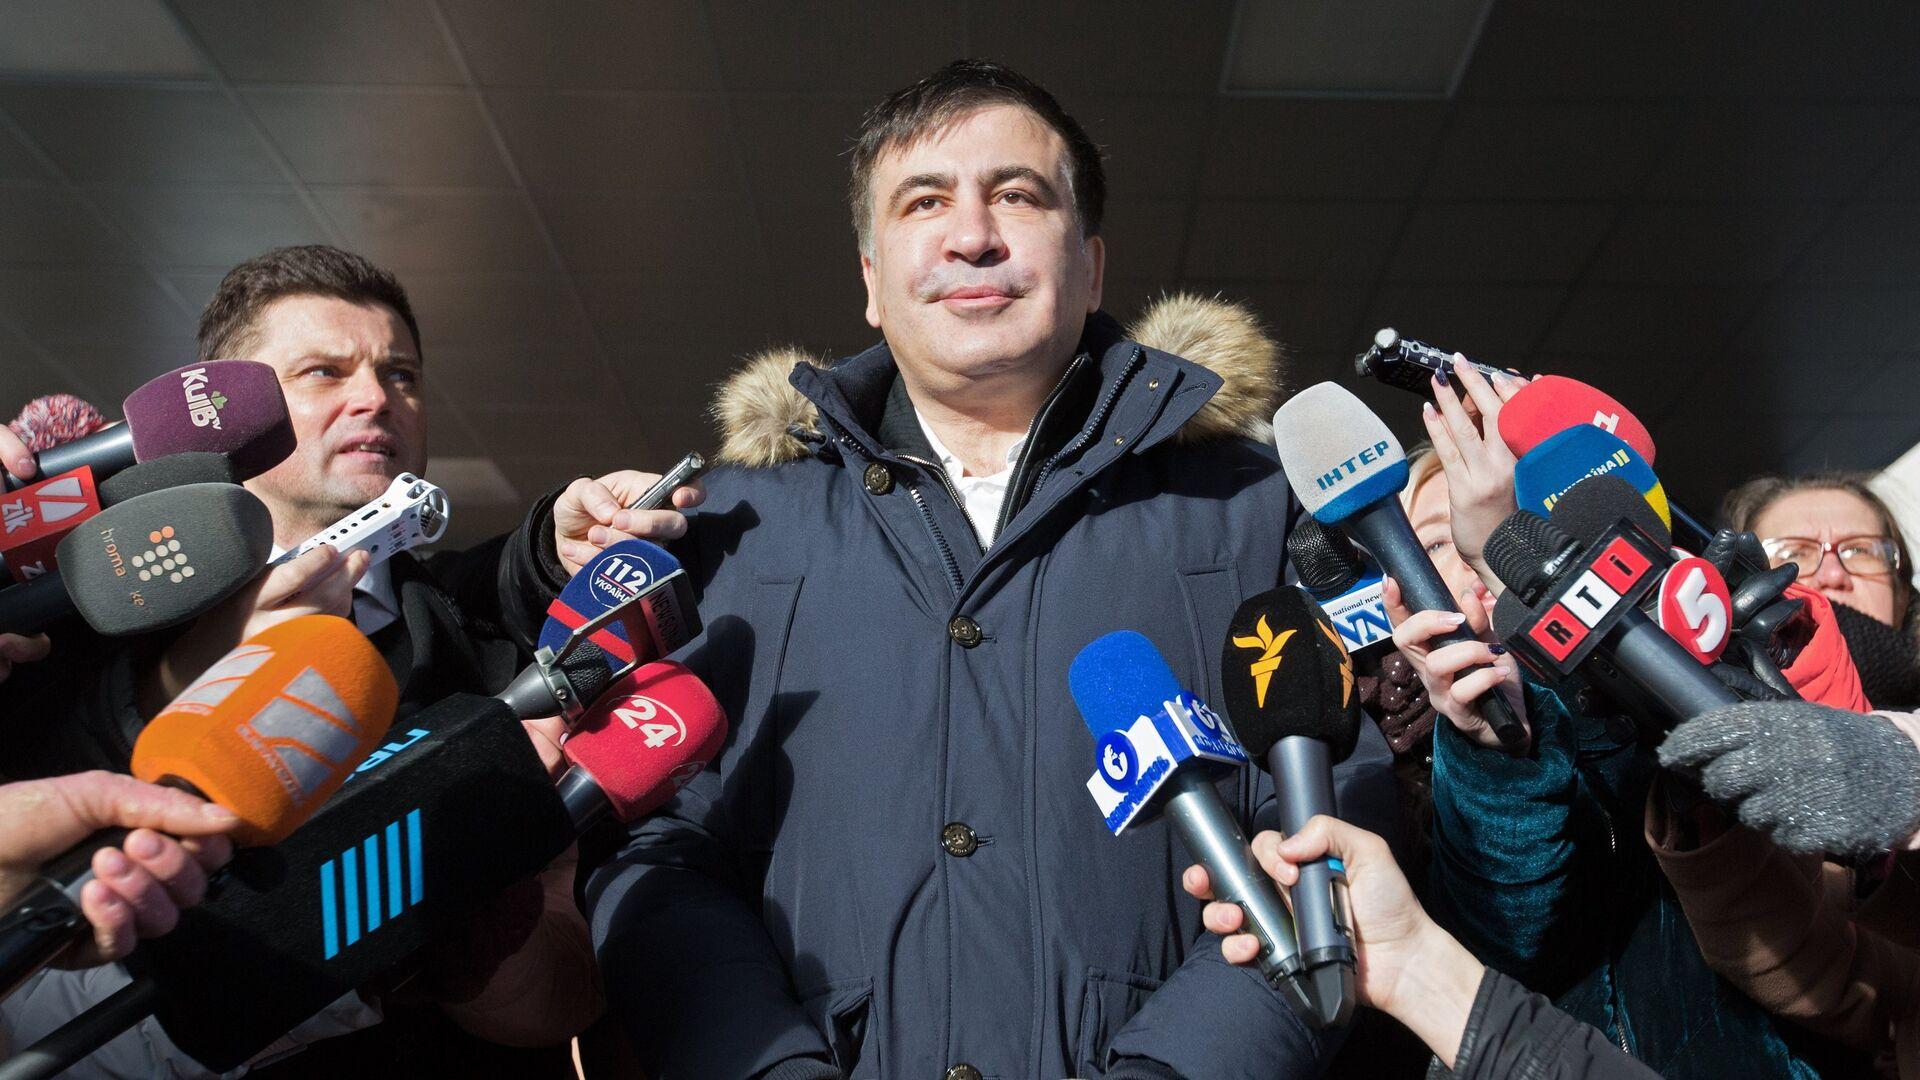 Бывший губернатор Одесской области Украины и лидер политической партии Рух нових сил Михаил Саакашвили (в центре) - Sputnik Latvija, 1920, 05.10.2021